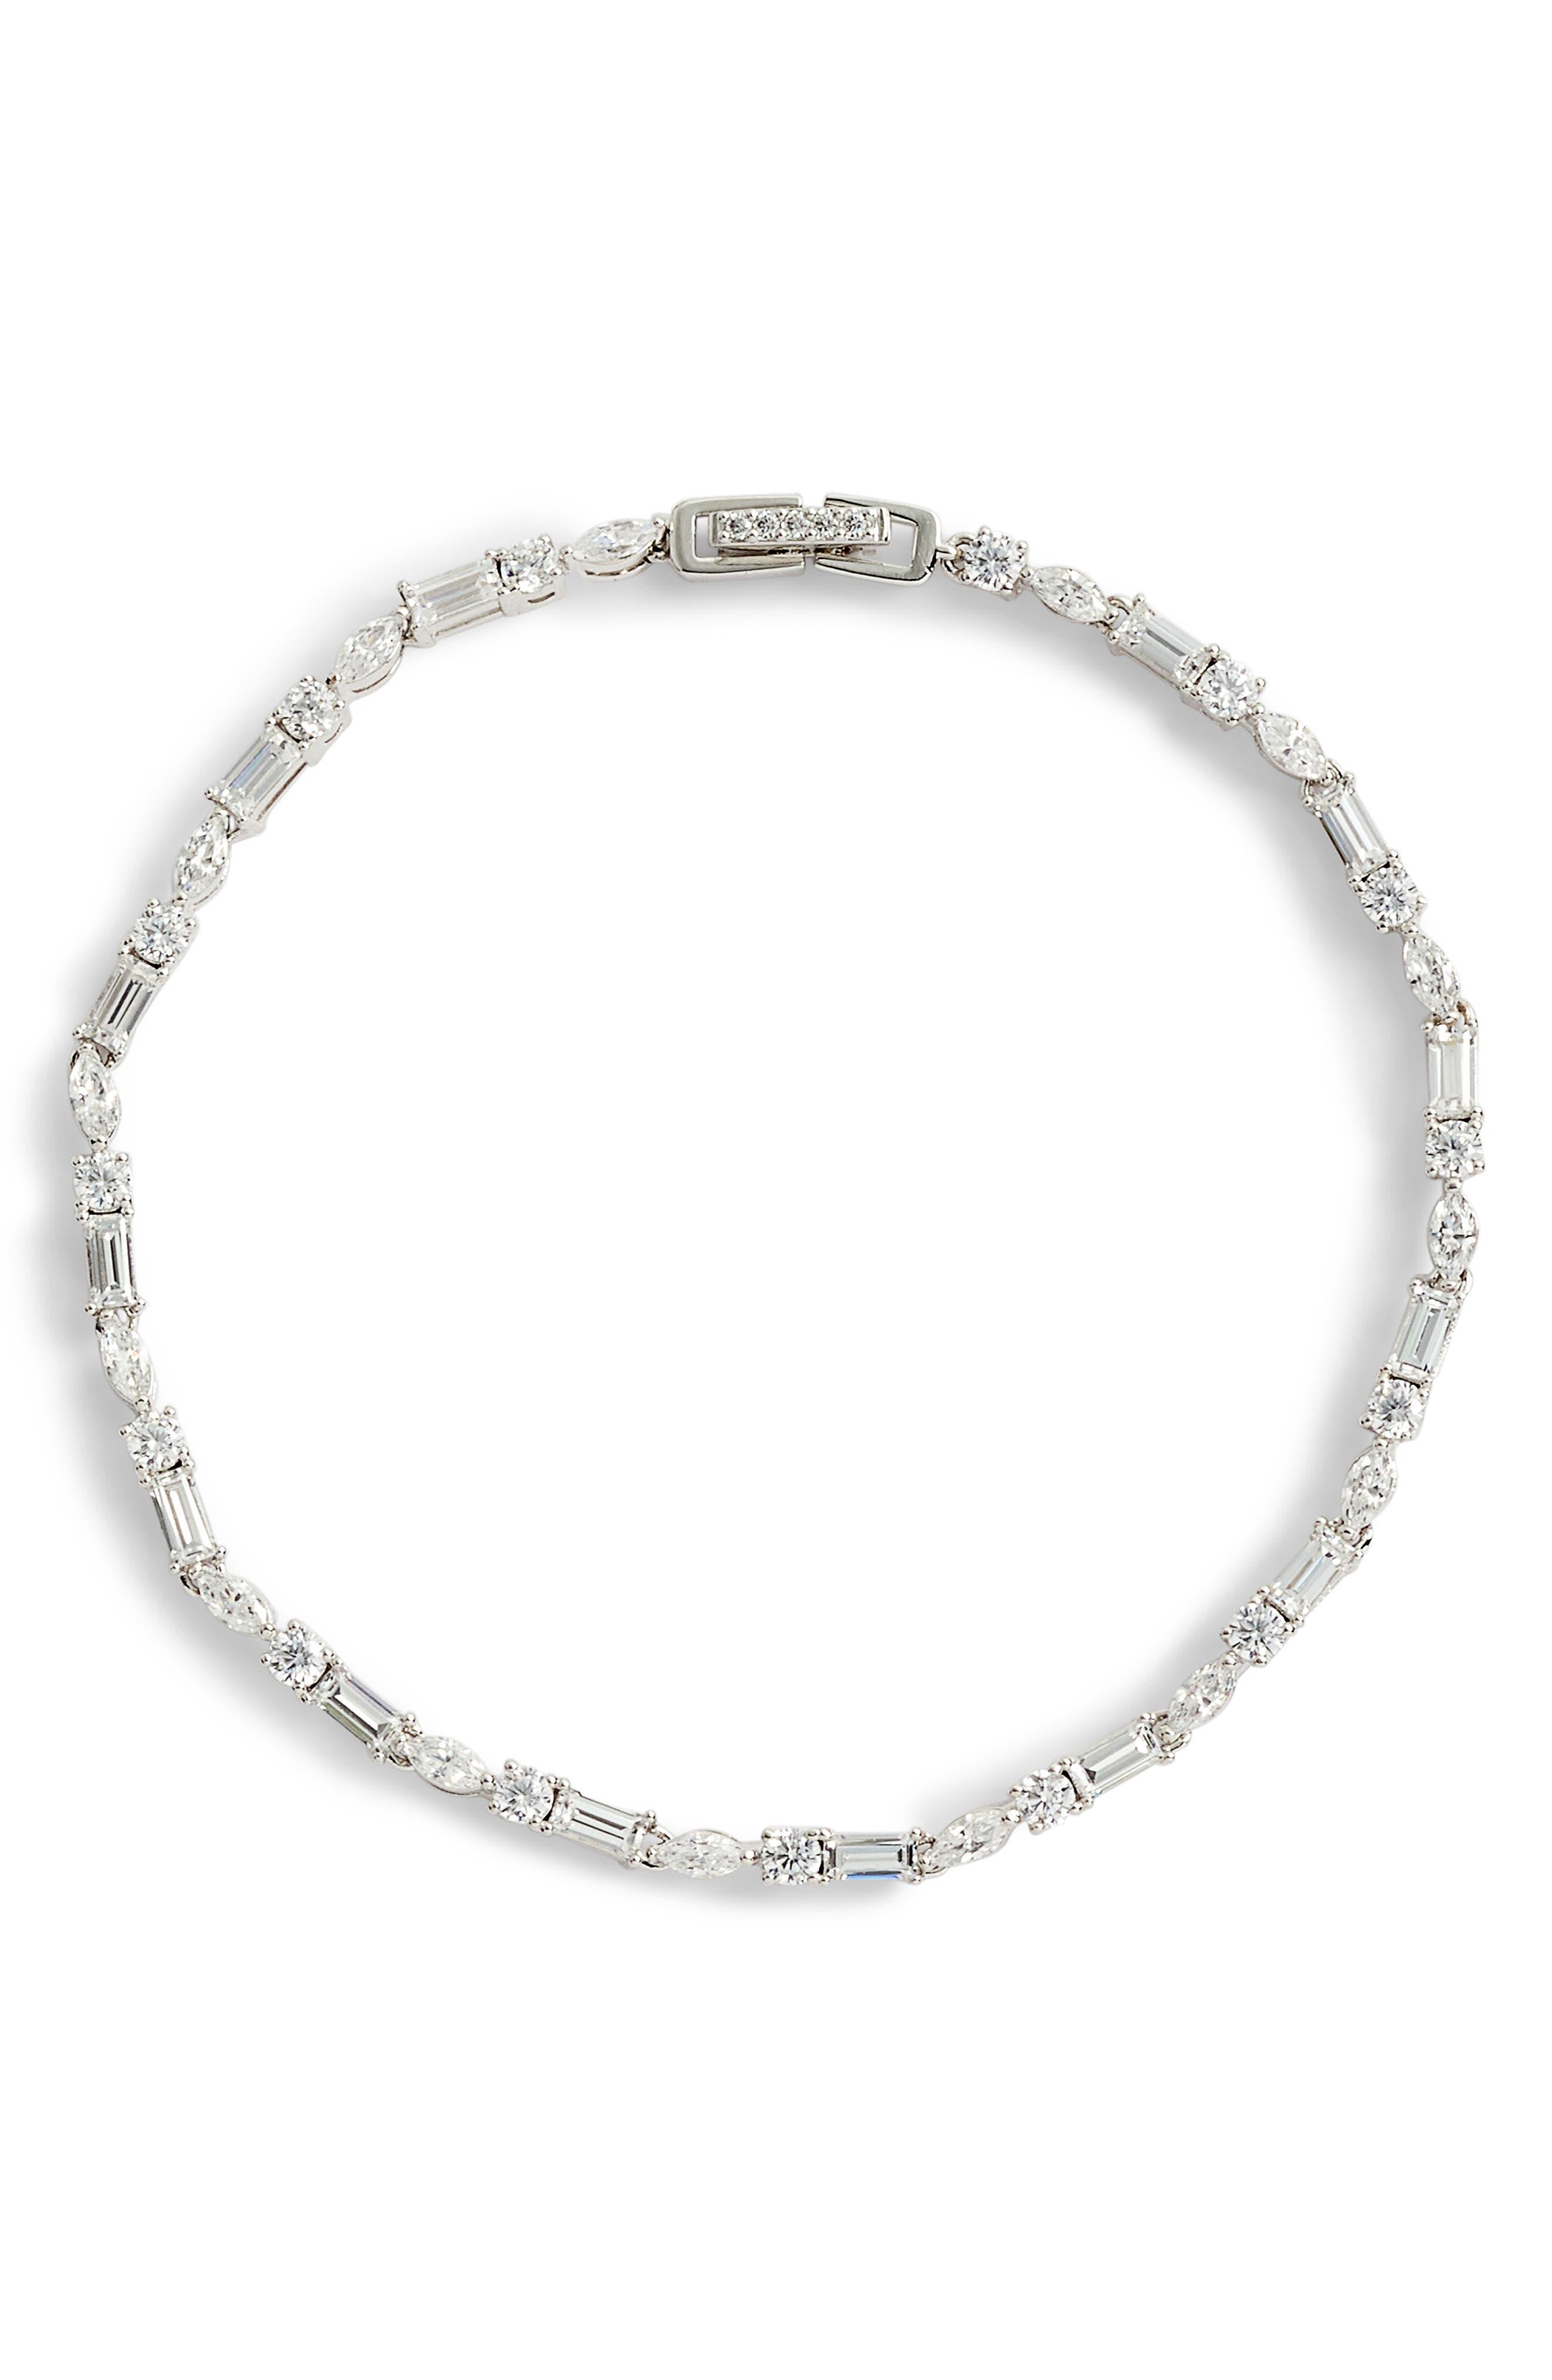 Fanfare Line Bracelet,                         Main,                         color, Silver